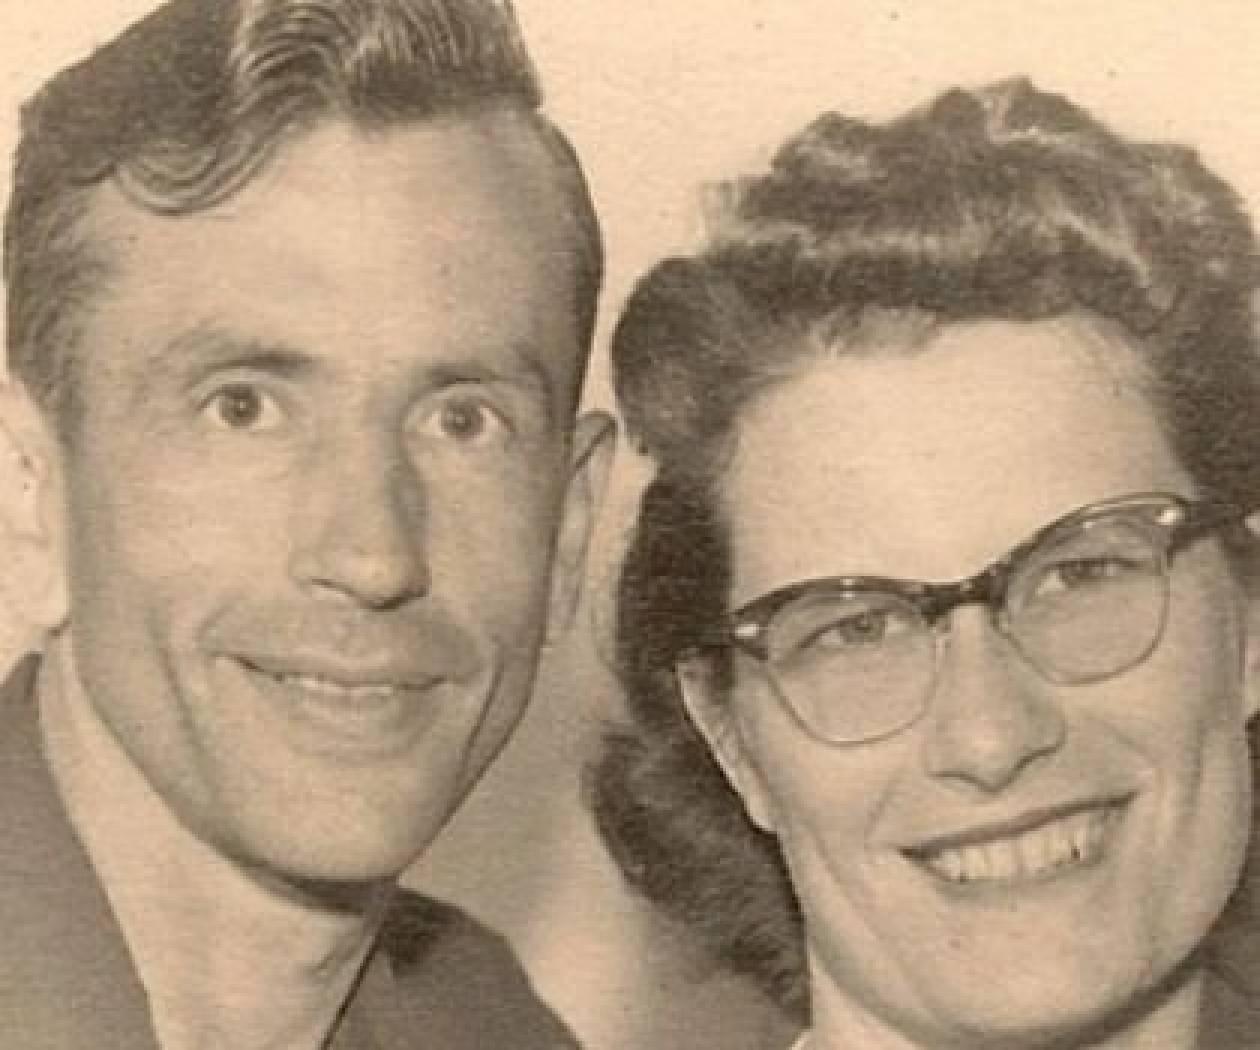 Η συγκινητική ιστορία του ζευγαριού που μετά από 72 χρόνια αγάπης...